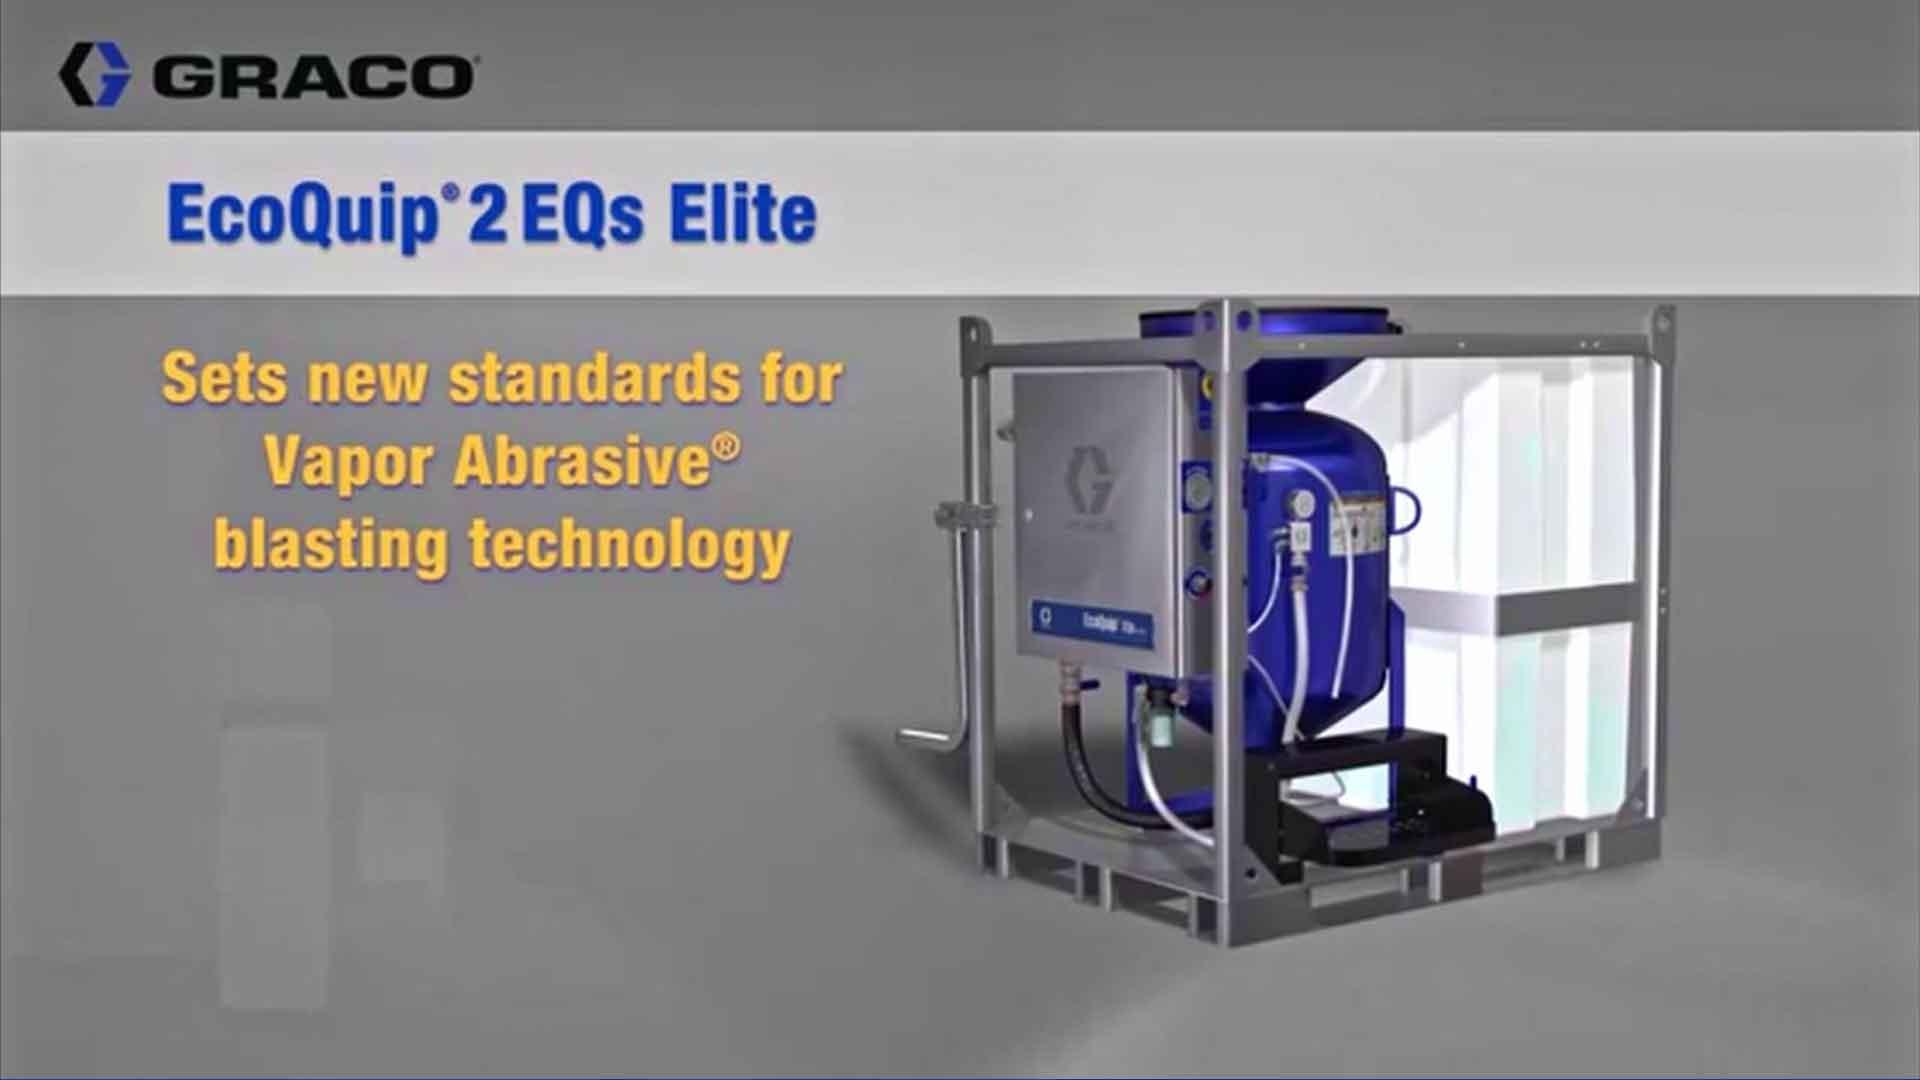 EcoQuip 2 EQs Elite Demo Video